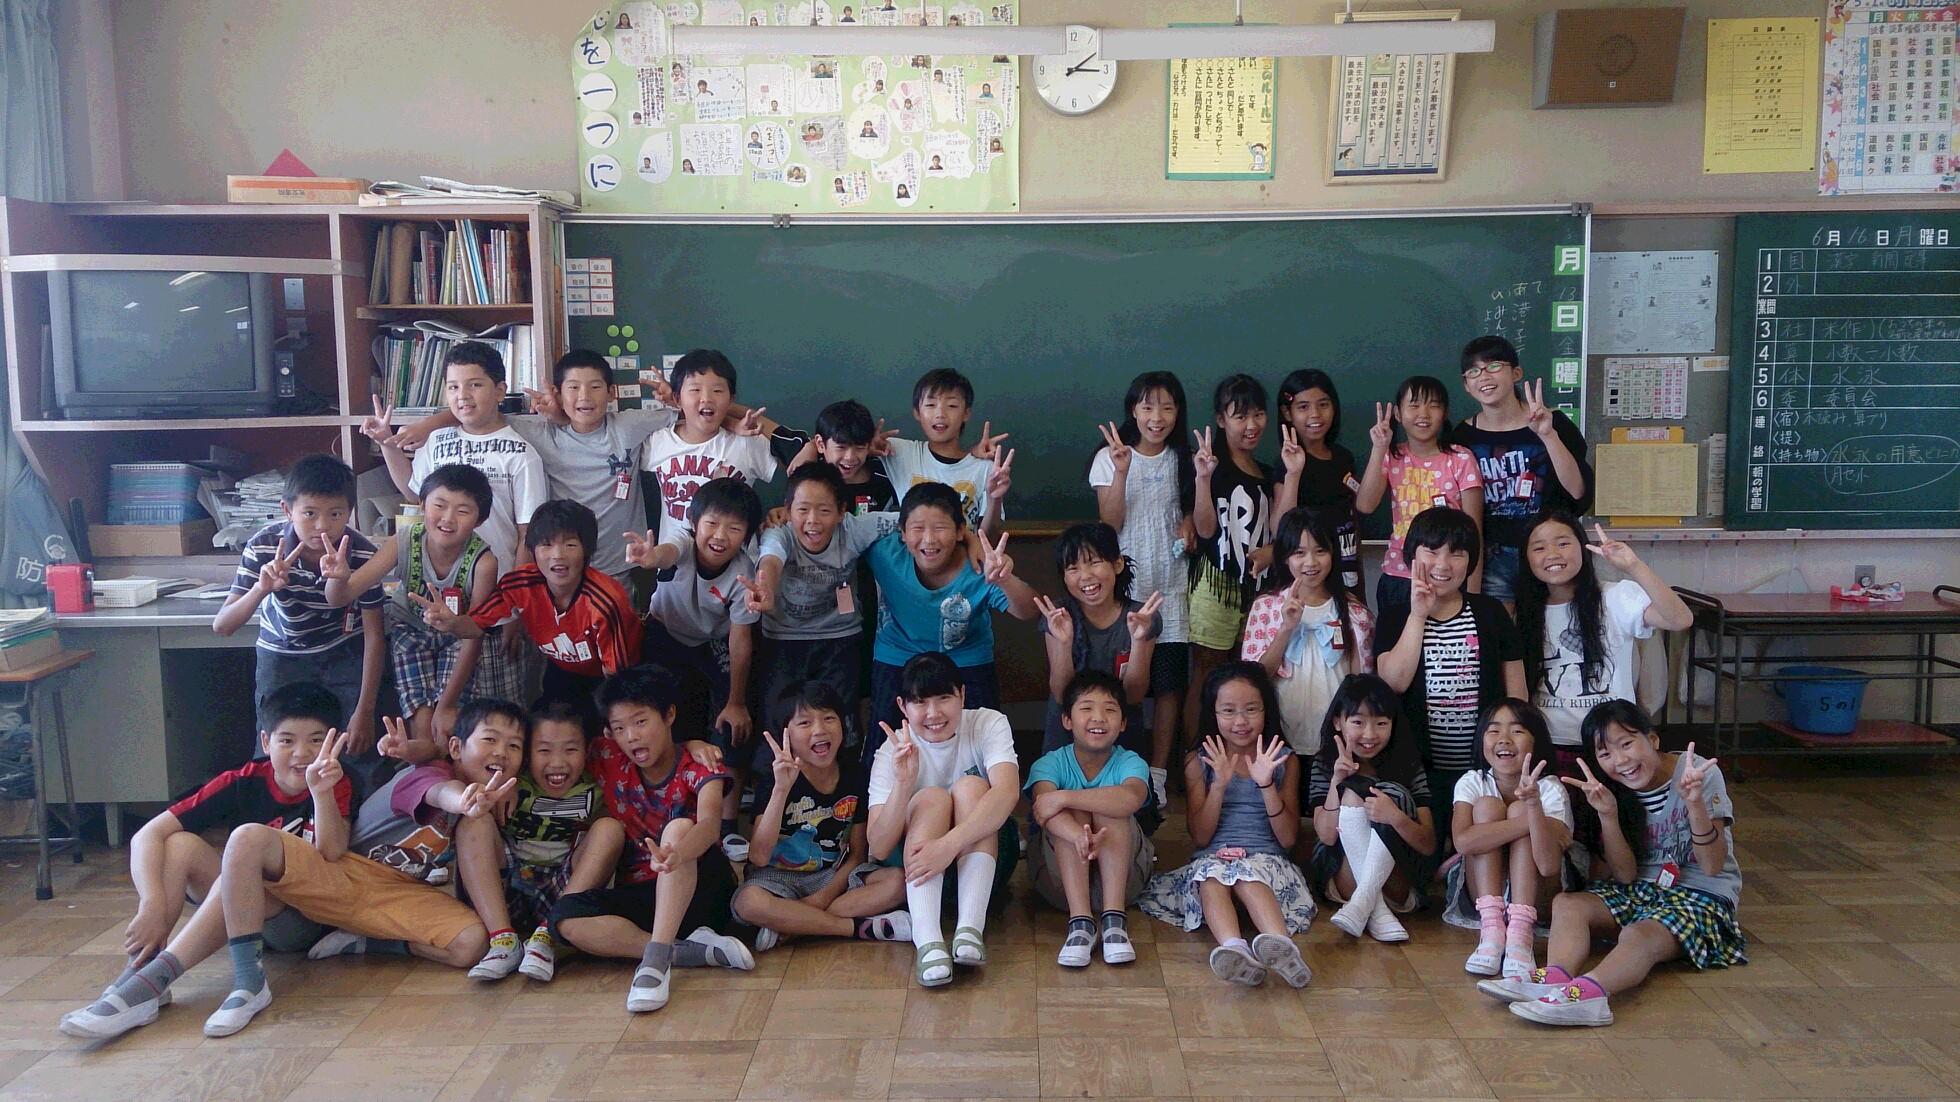 ... 市立港小学校 しおかぜブログ : 小学校の国語 : 国語